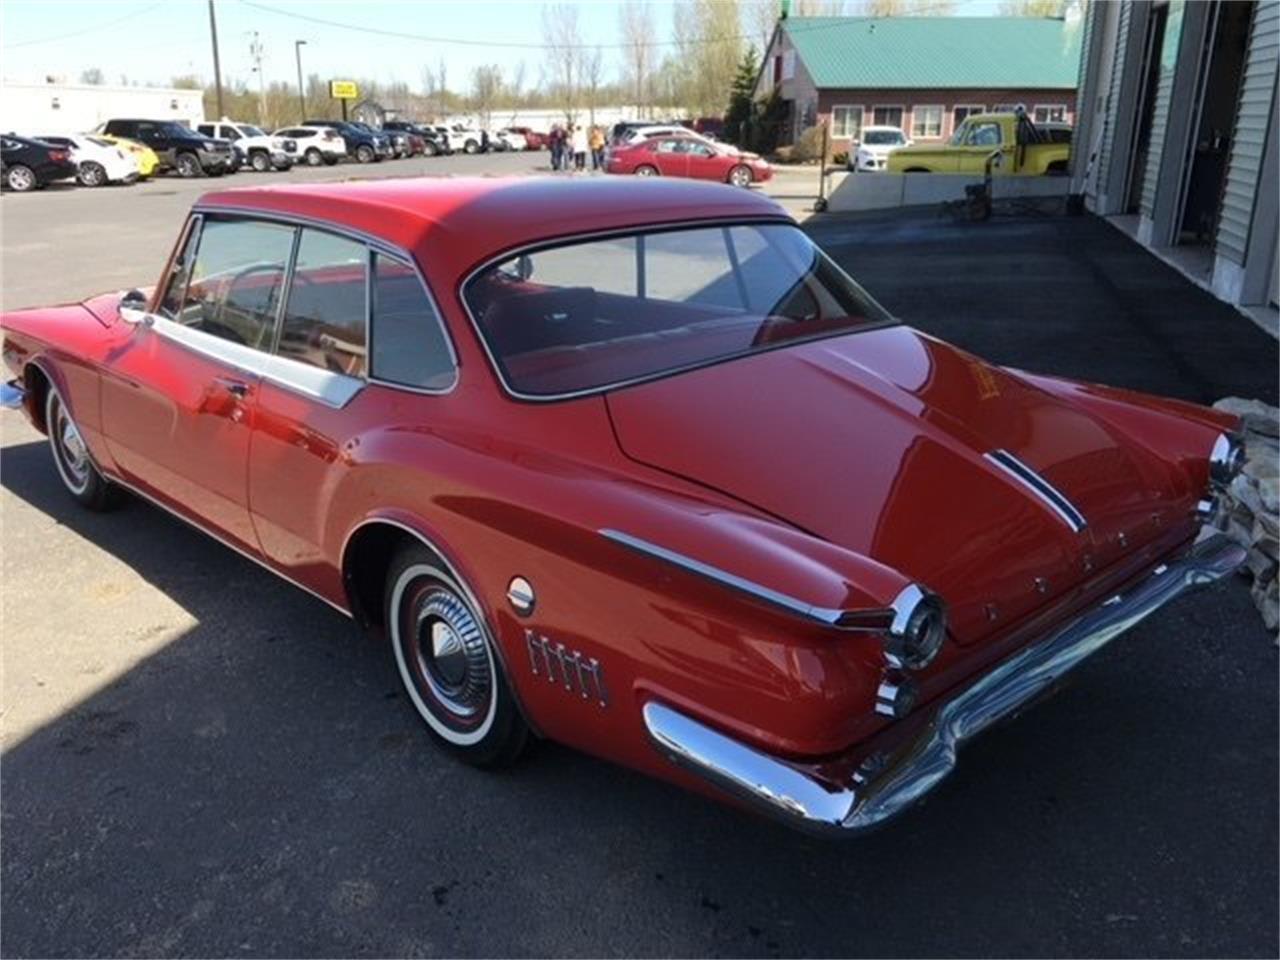 1962 dodge lancer for sale classiccars cc 1131003 567 Dodge Lancer large picture of 62 lancer o8or